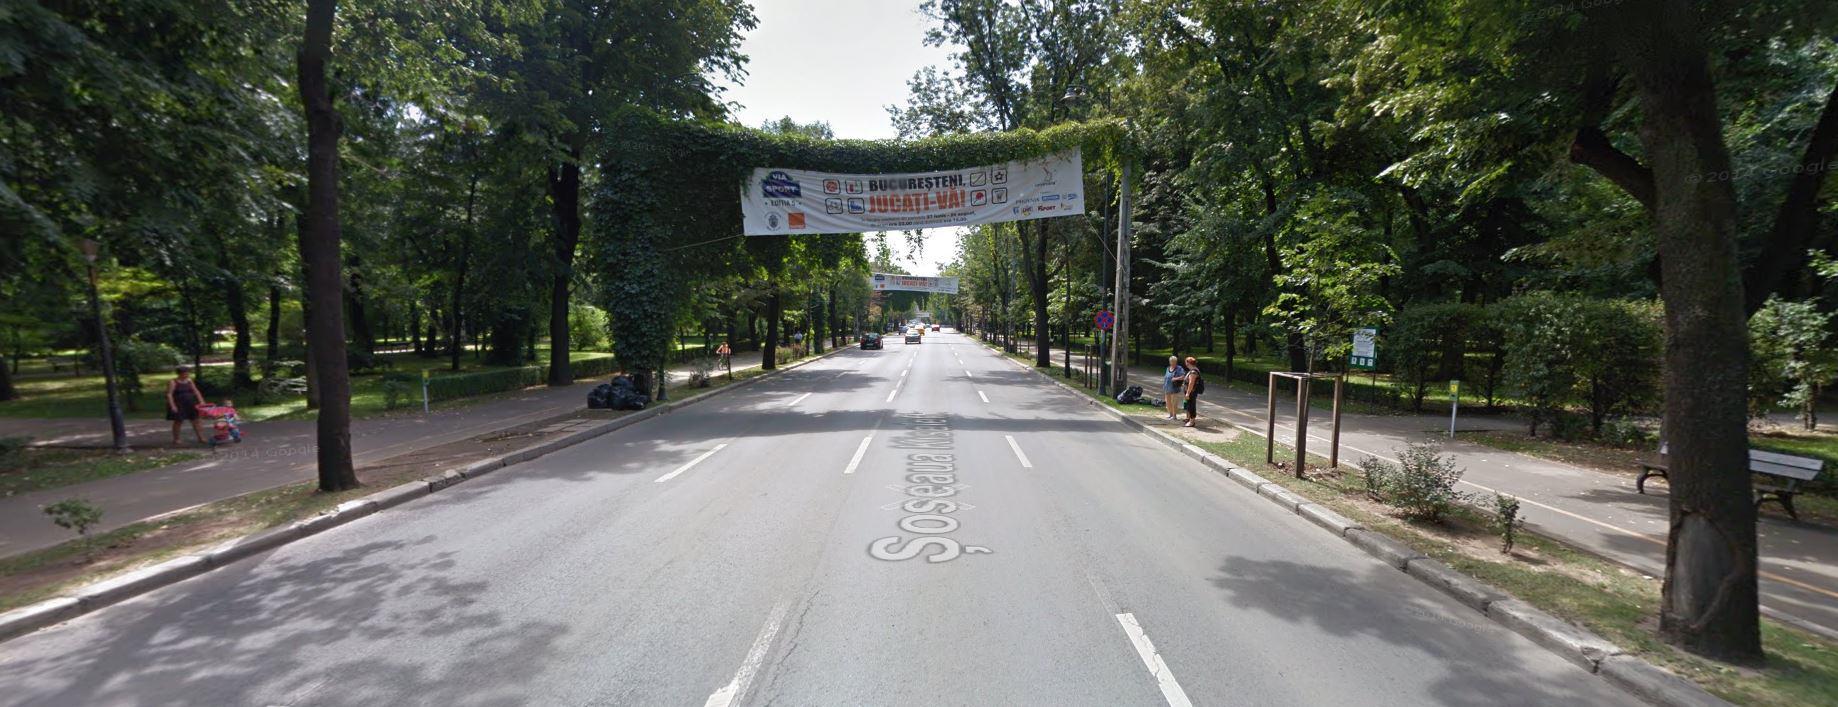 Ulica Kiseleff w Bukareszcie (2014) z widocznymi reklamami wydarzenia VIa Sport; fot. Google Street View